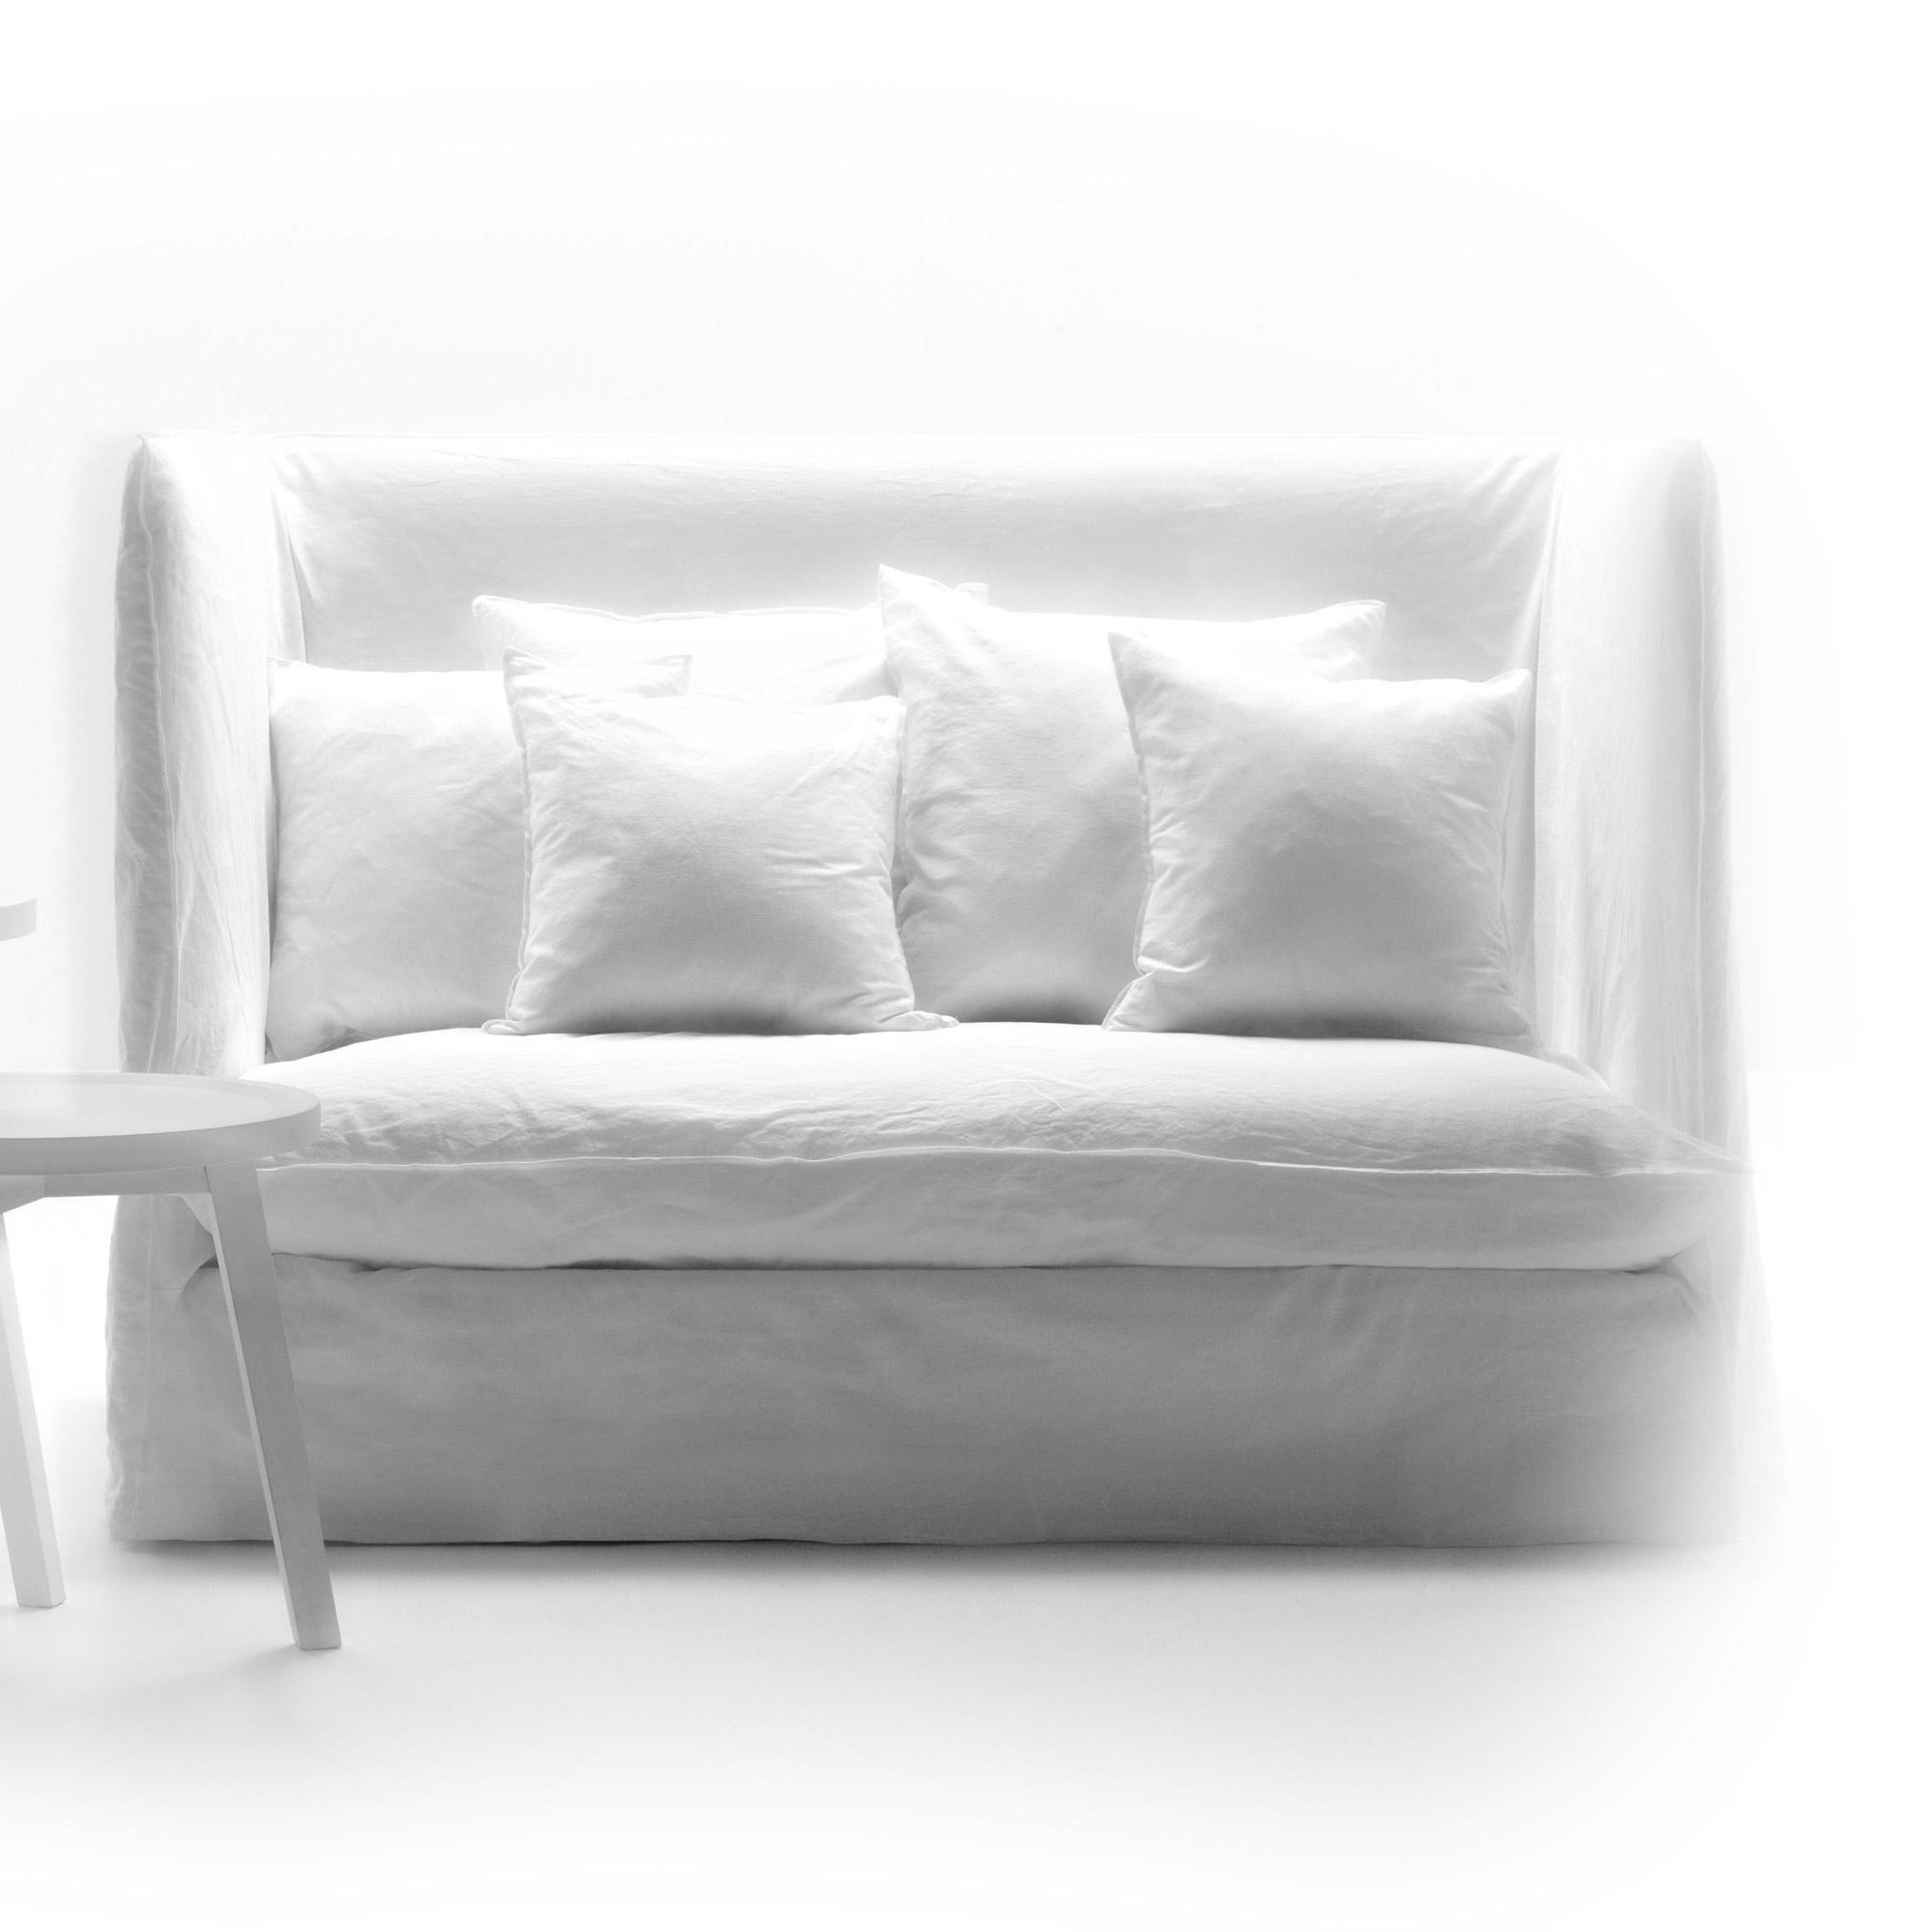 Gervasoni Ghost Pi Cushion 60x60cm Ambientedirect